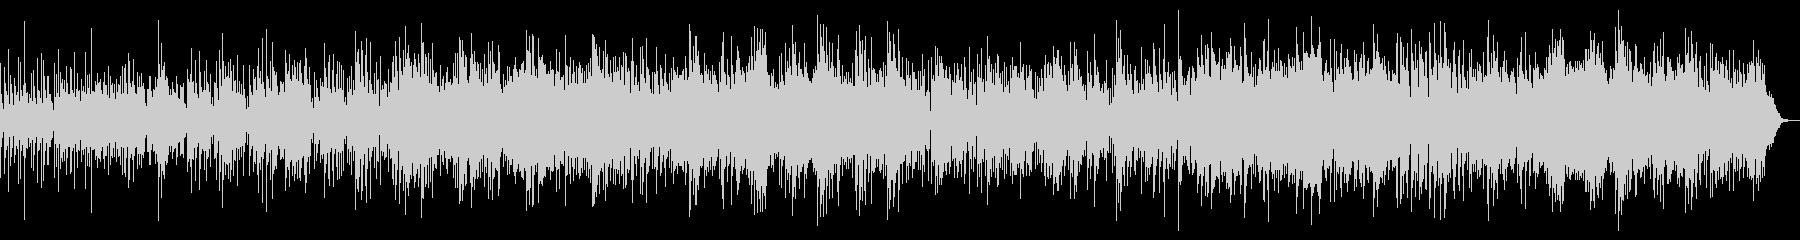 アコースティックグランドピアノ、フ...の未再生の波形